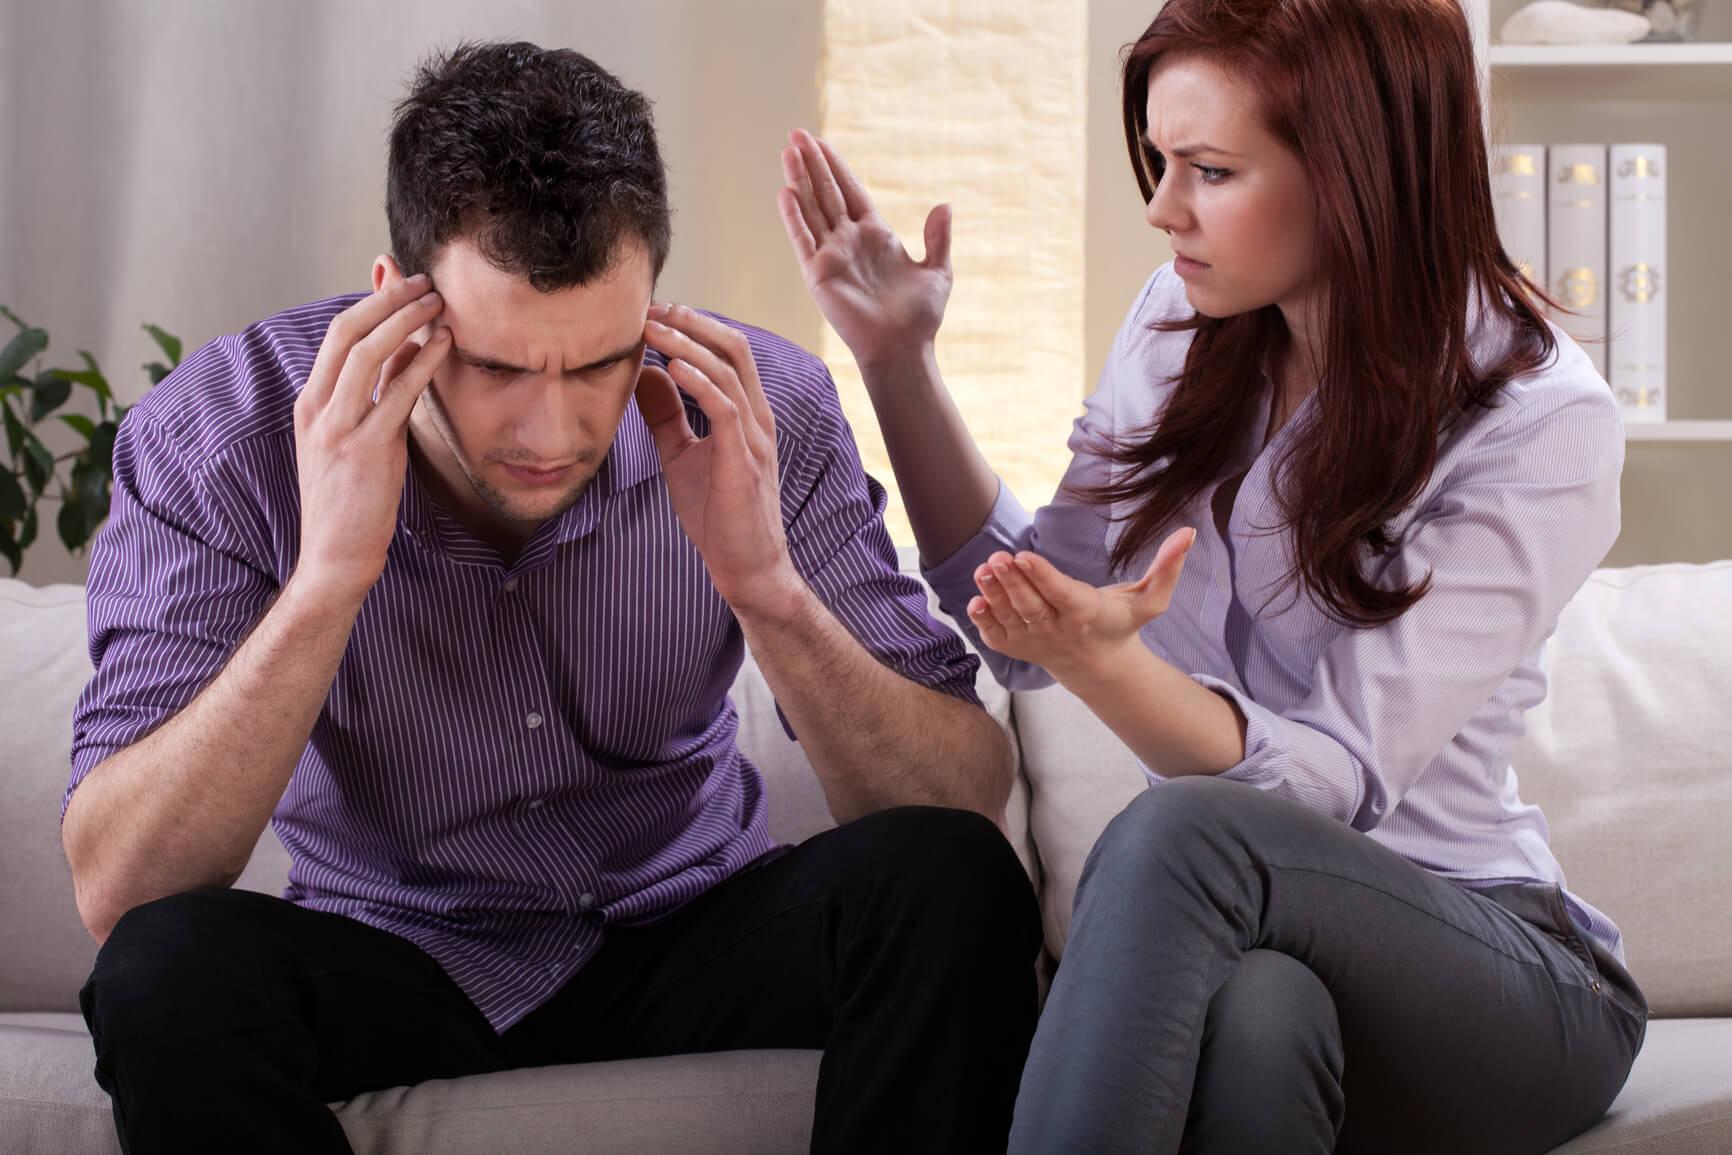 Психосоматика цистита. Причины возникновения болезни психологические и физиологические